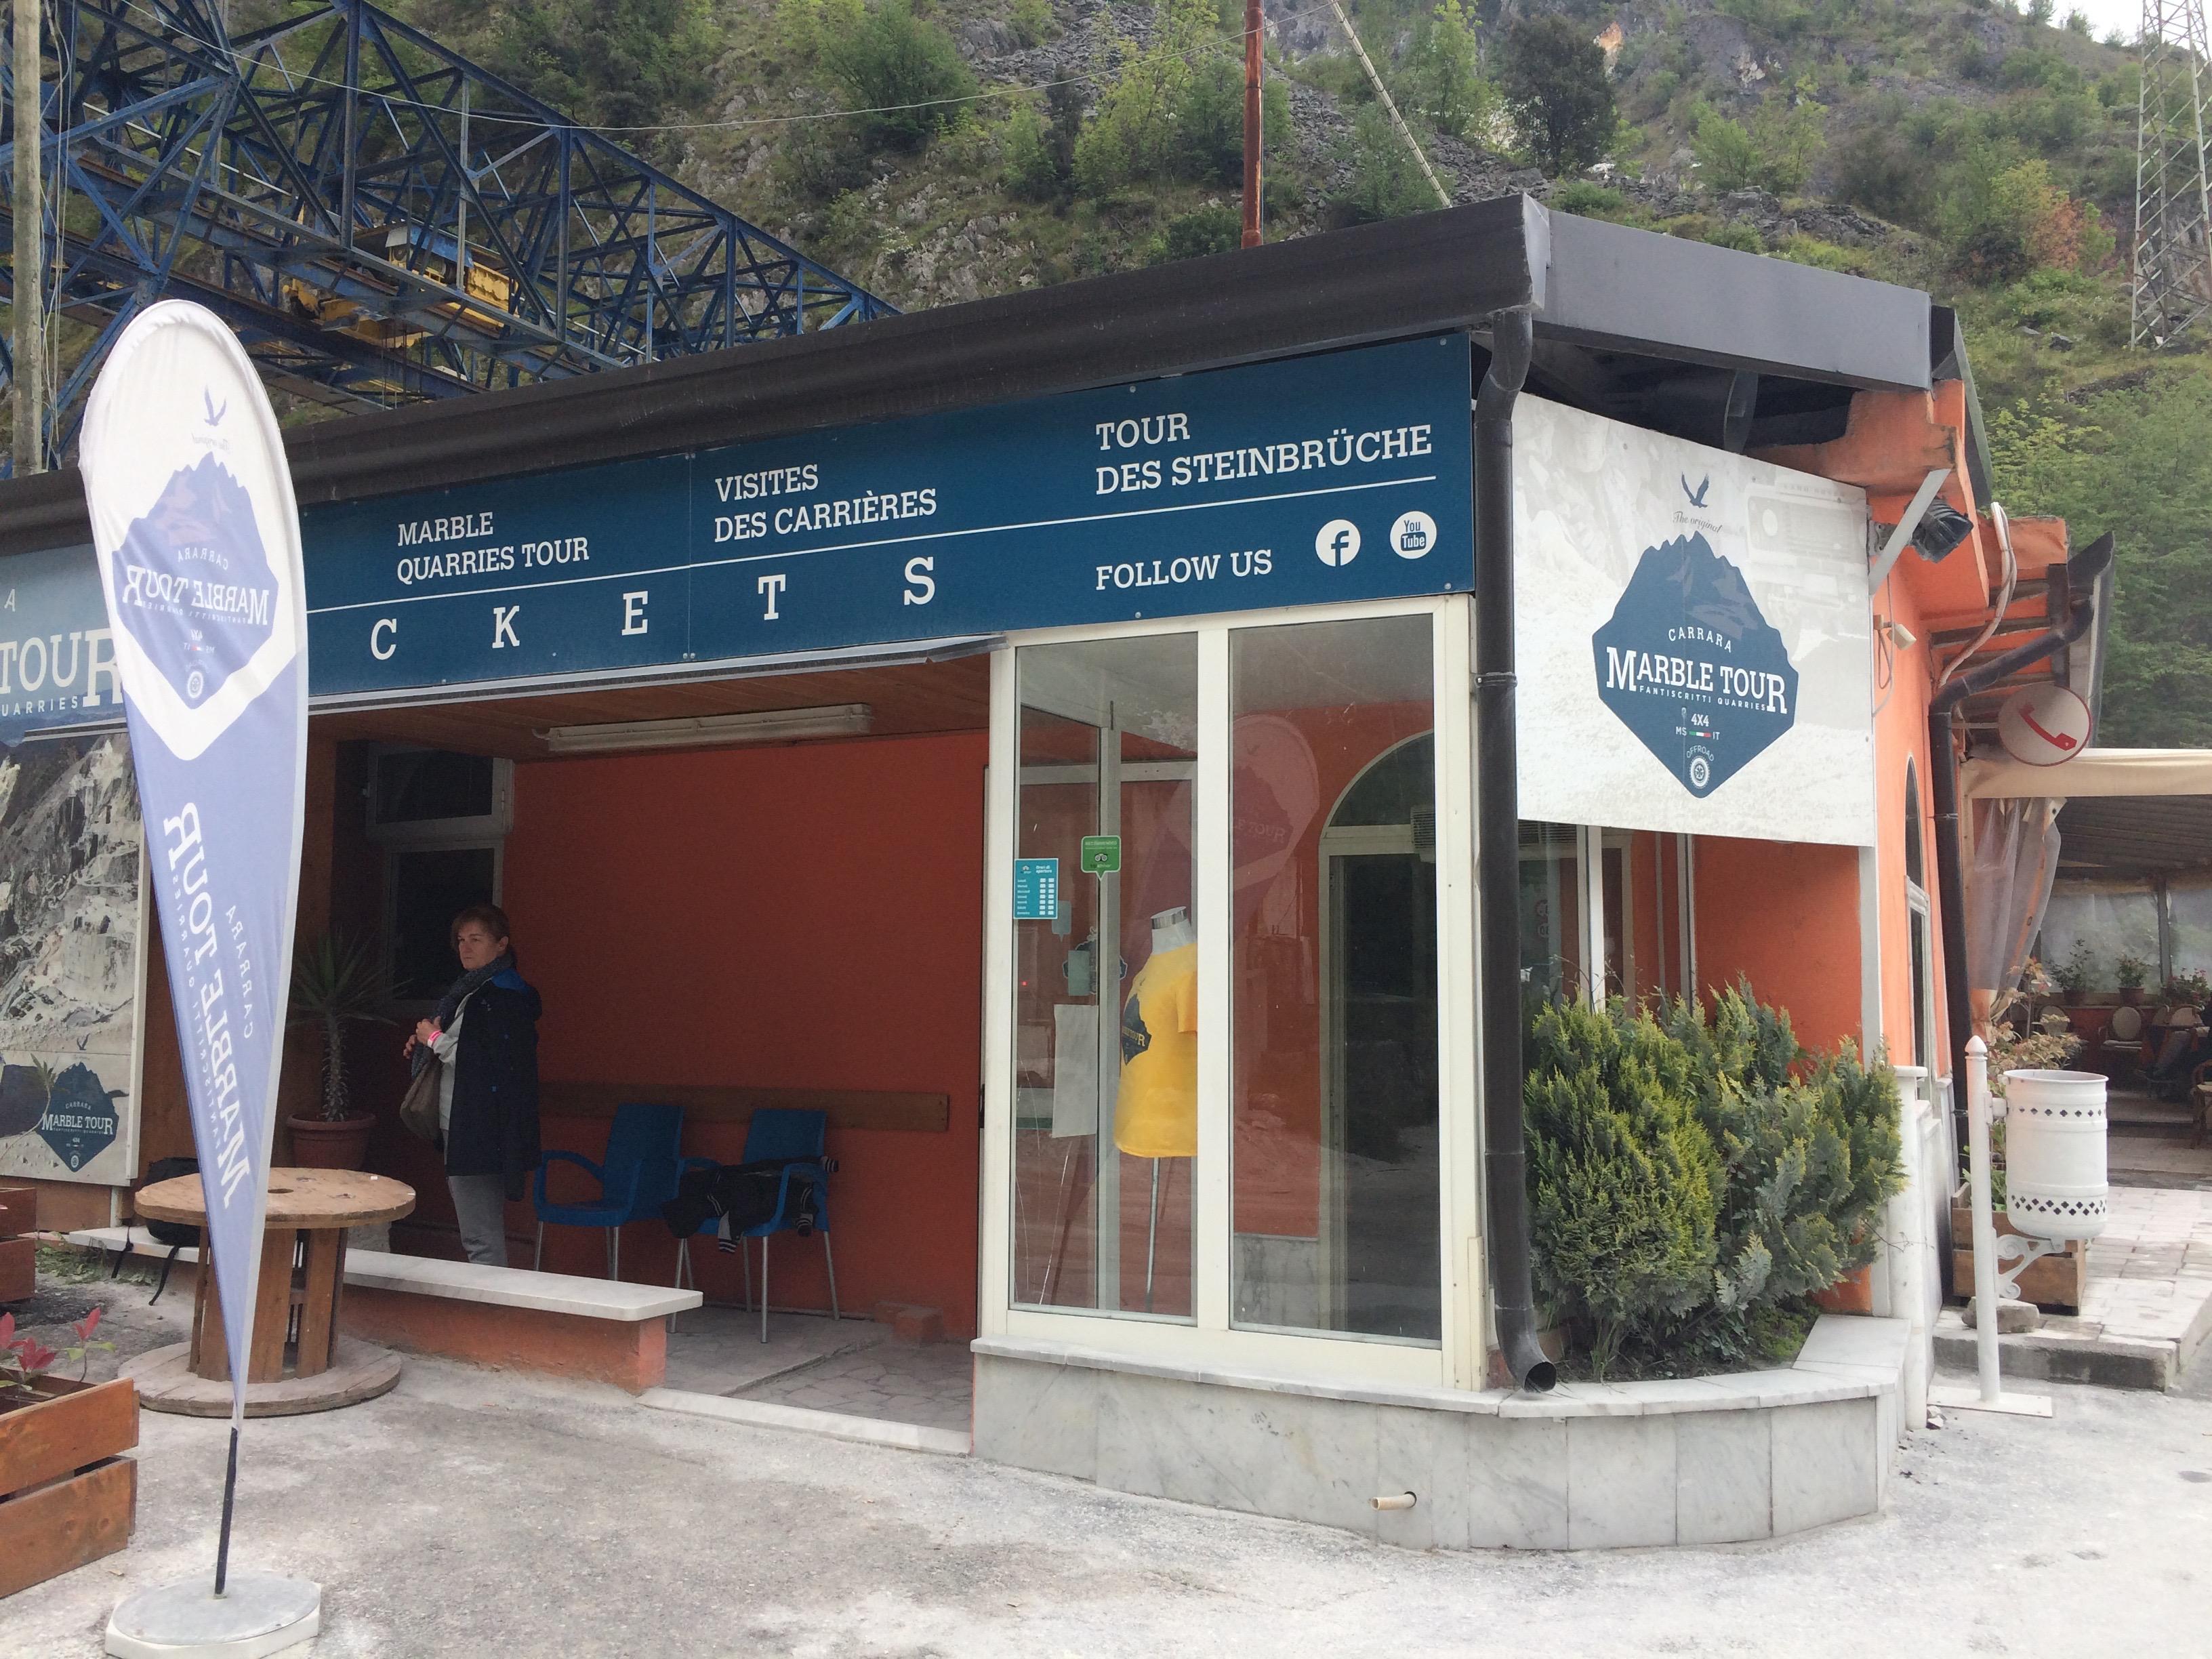 Carrara Marble Quarries Fantiscritti Carrara Marble Tour office